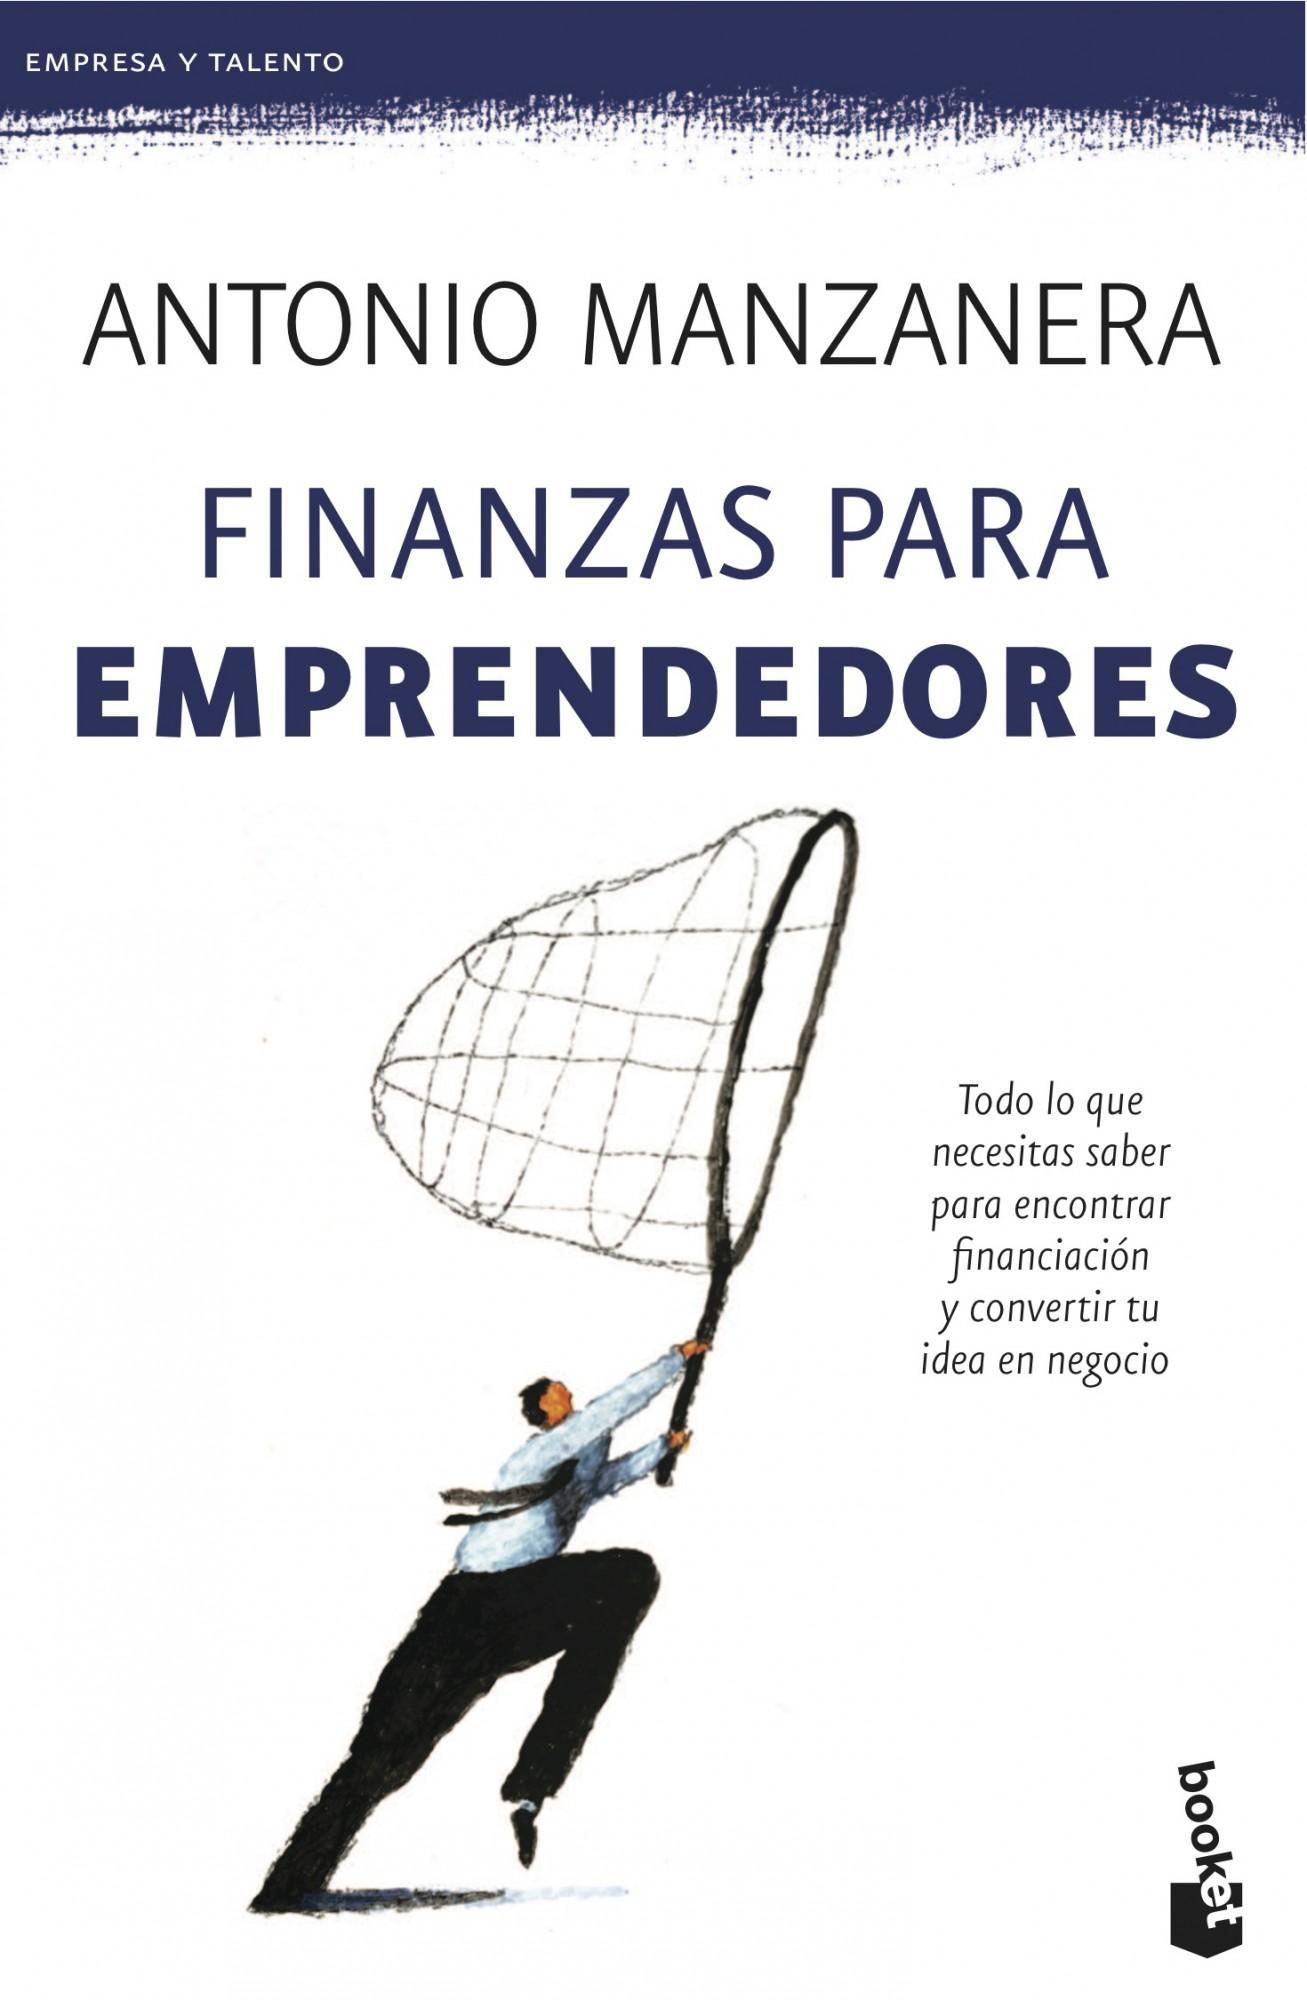 Finanzas Para Emprendedores Antonino Manzanera Pdf Español Http Helpbookhn Blogspot Com 2014 12 Fina Finanzas Finanzas Corporativas Libros De Negocios